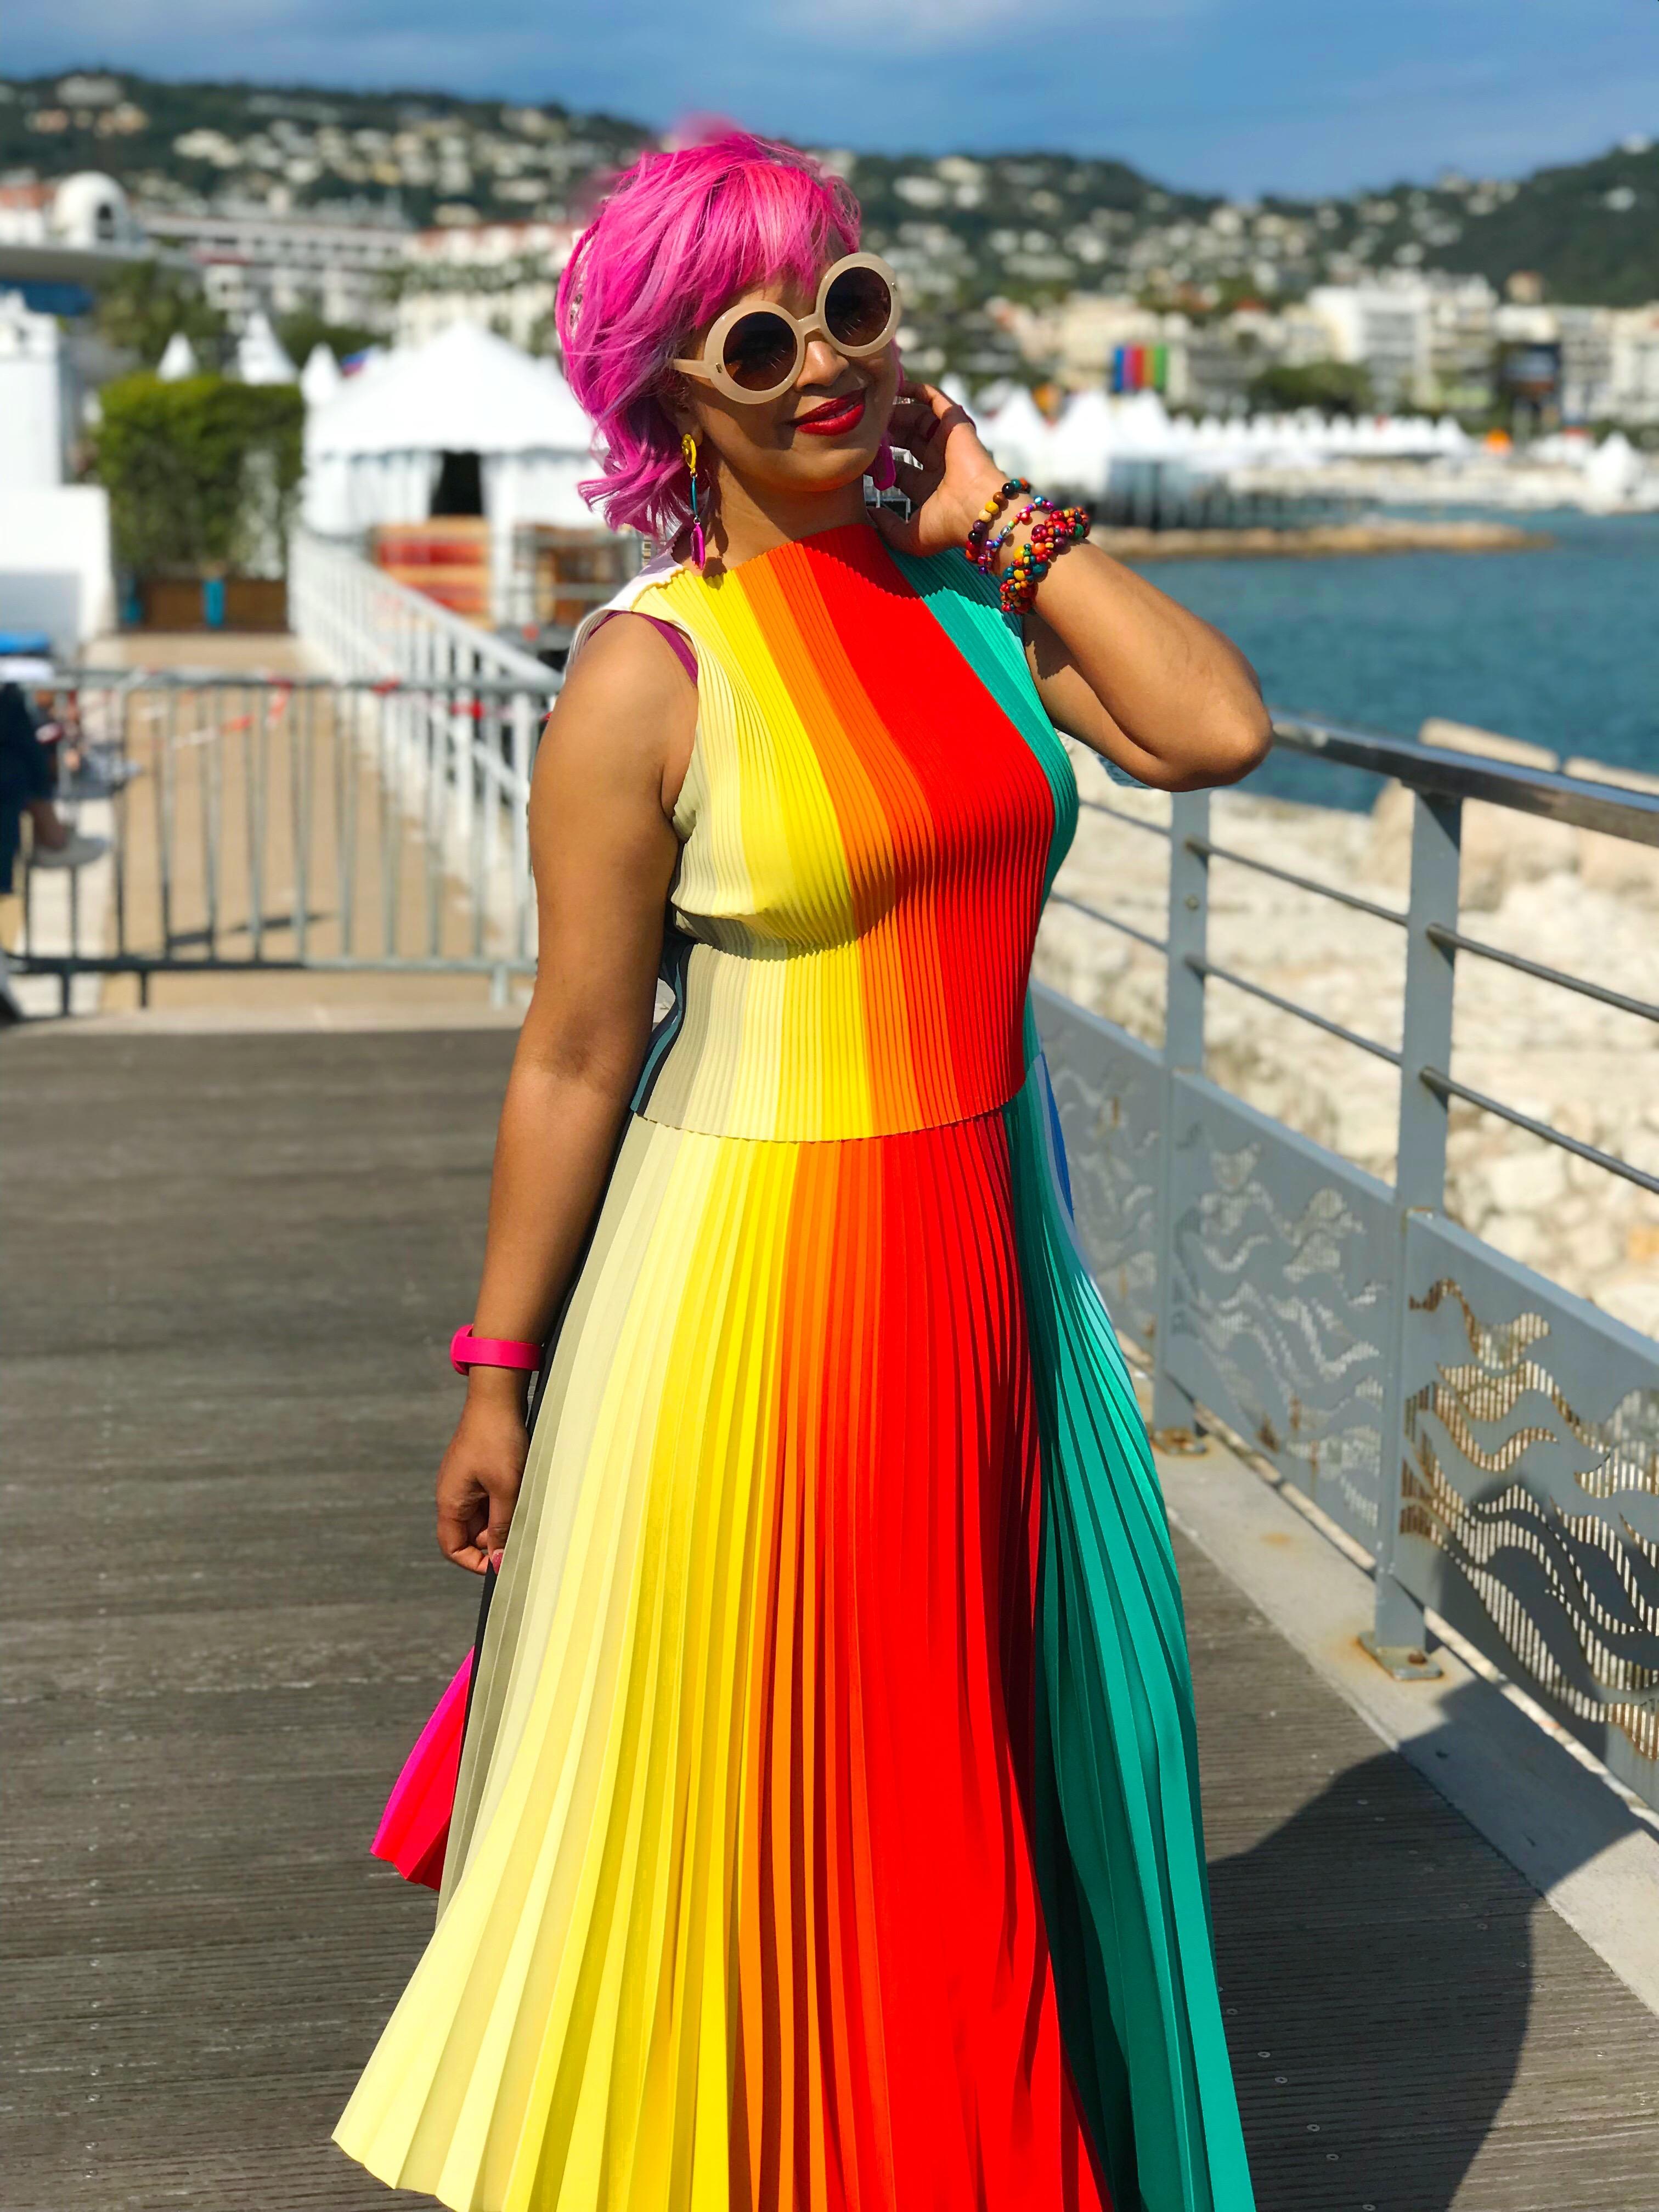 Momtaz-rainbowdress